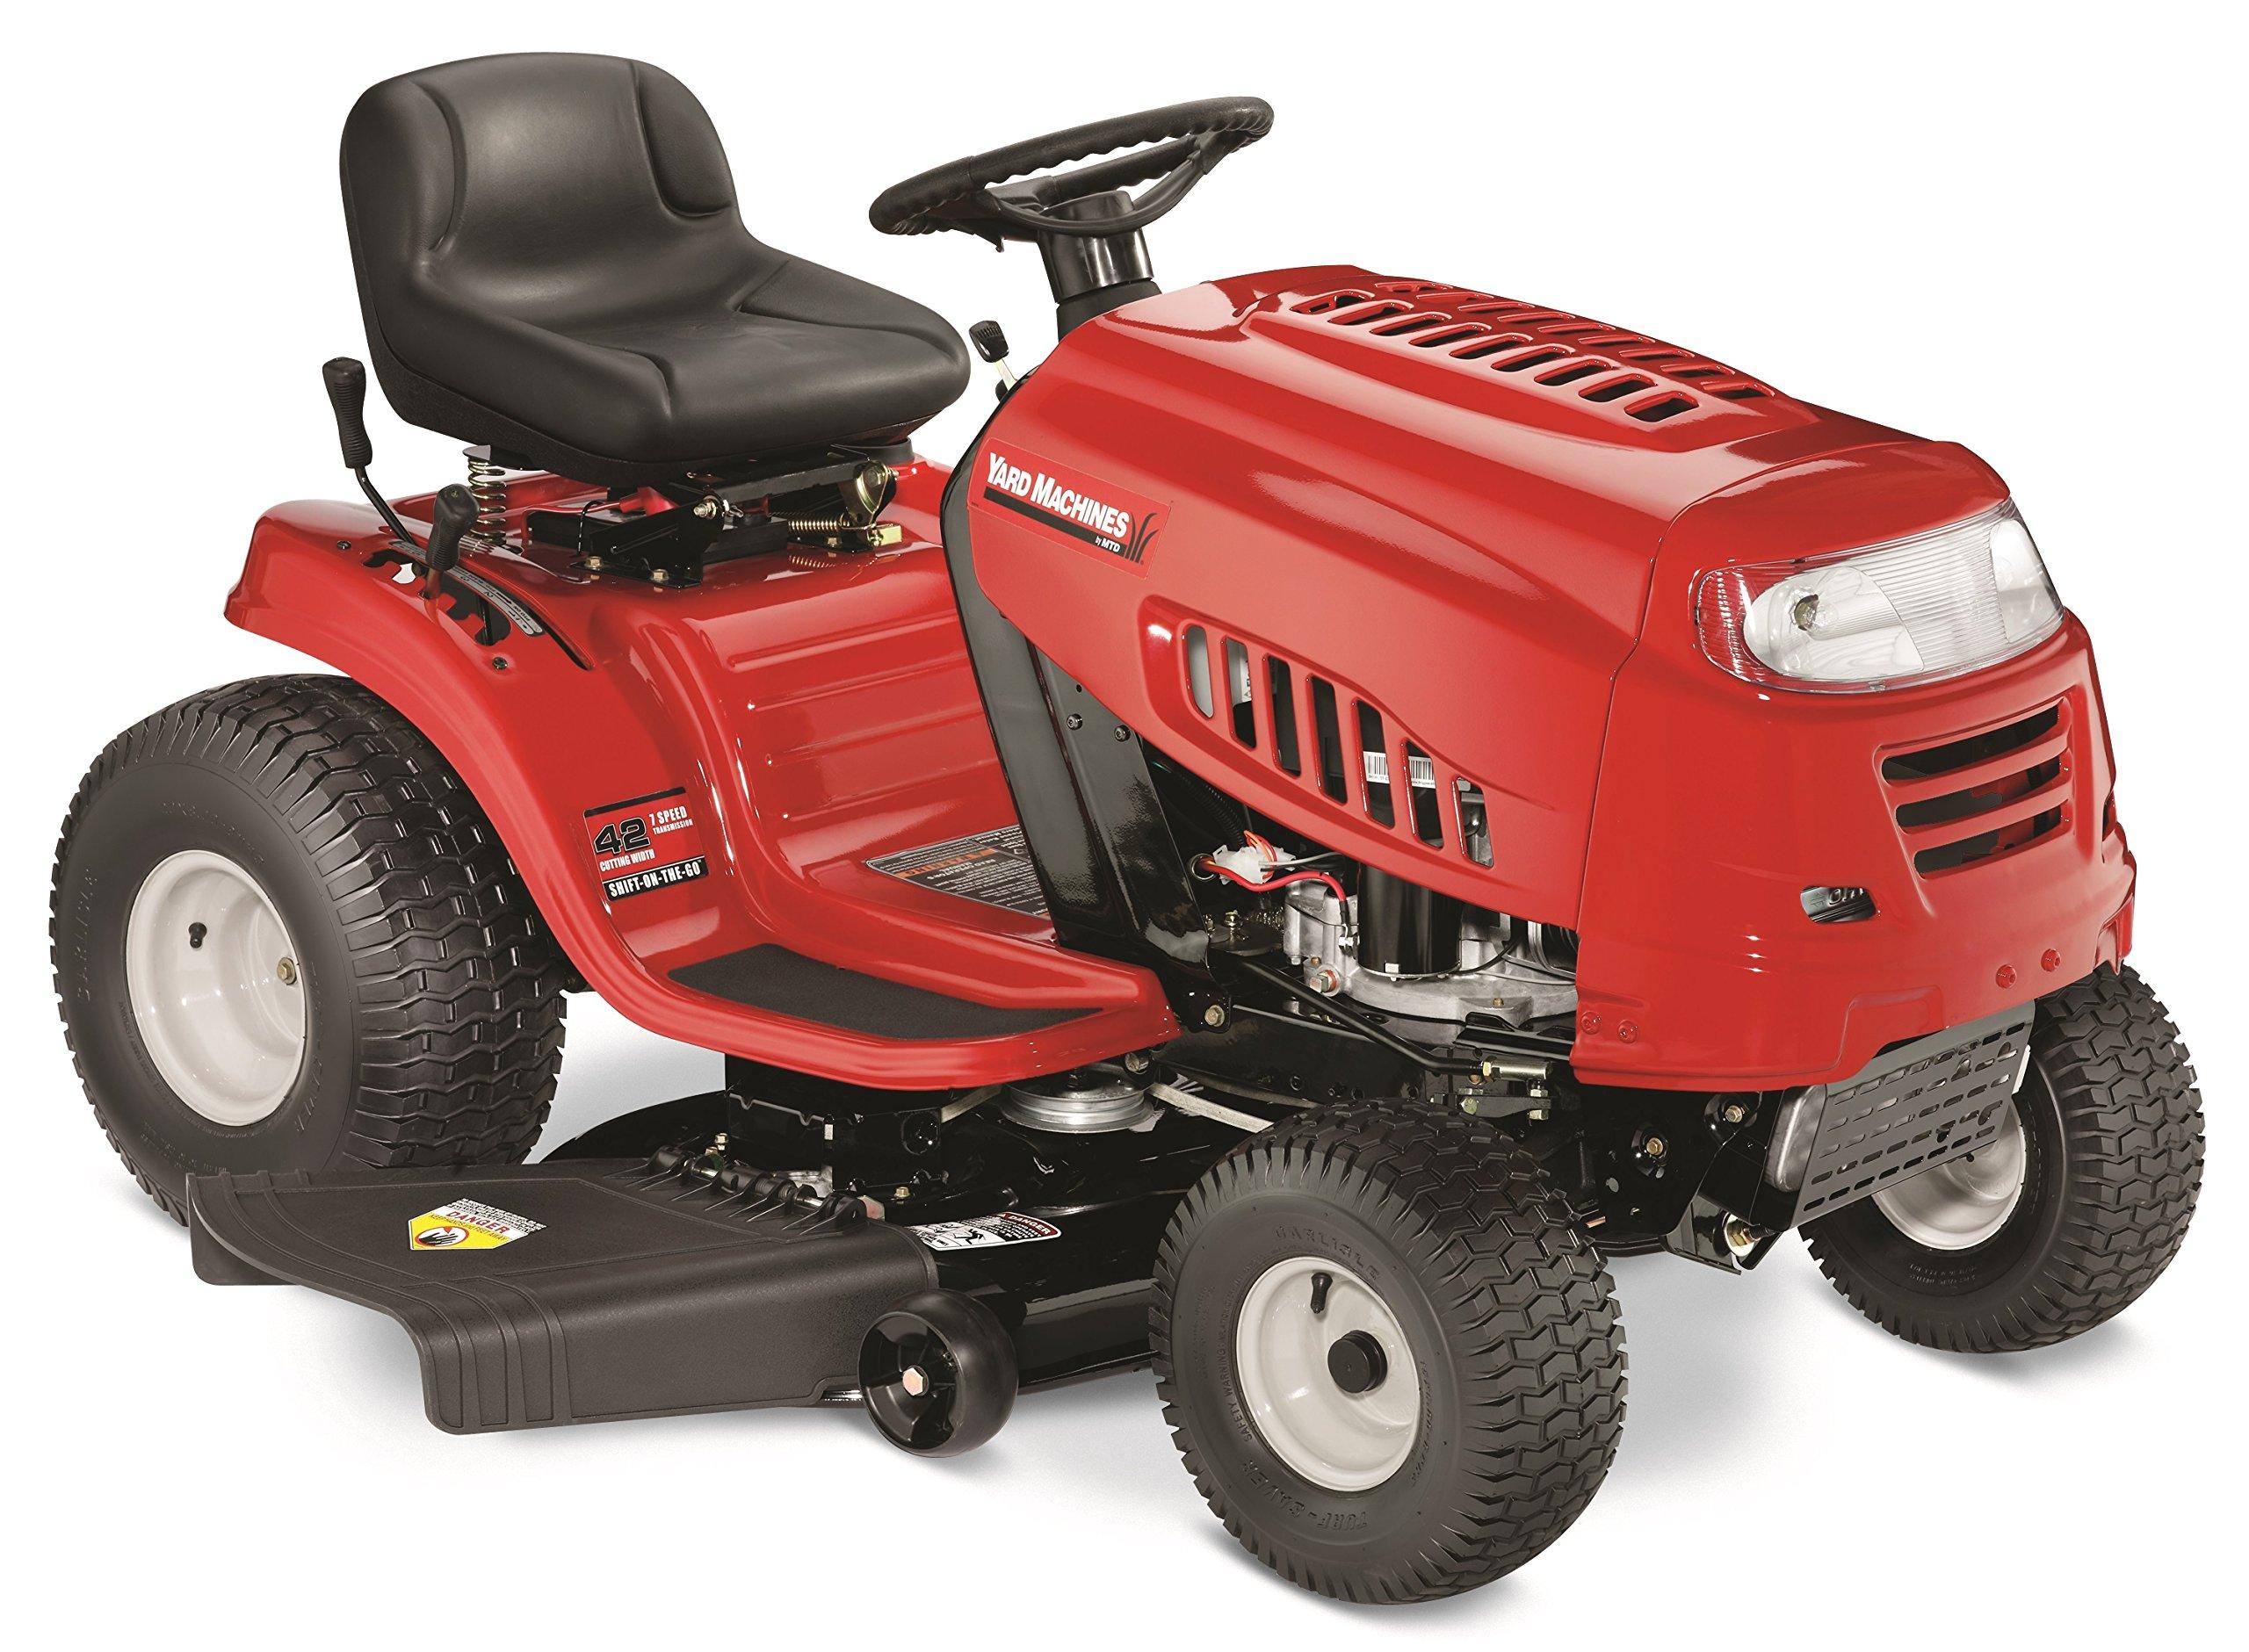 Yard Machines 420cc 42-Inch Riding Lawn Mower